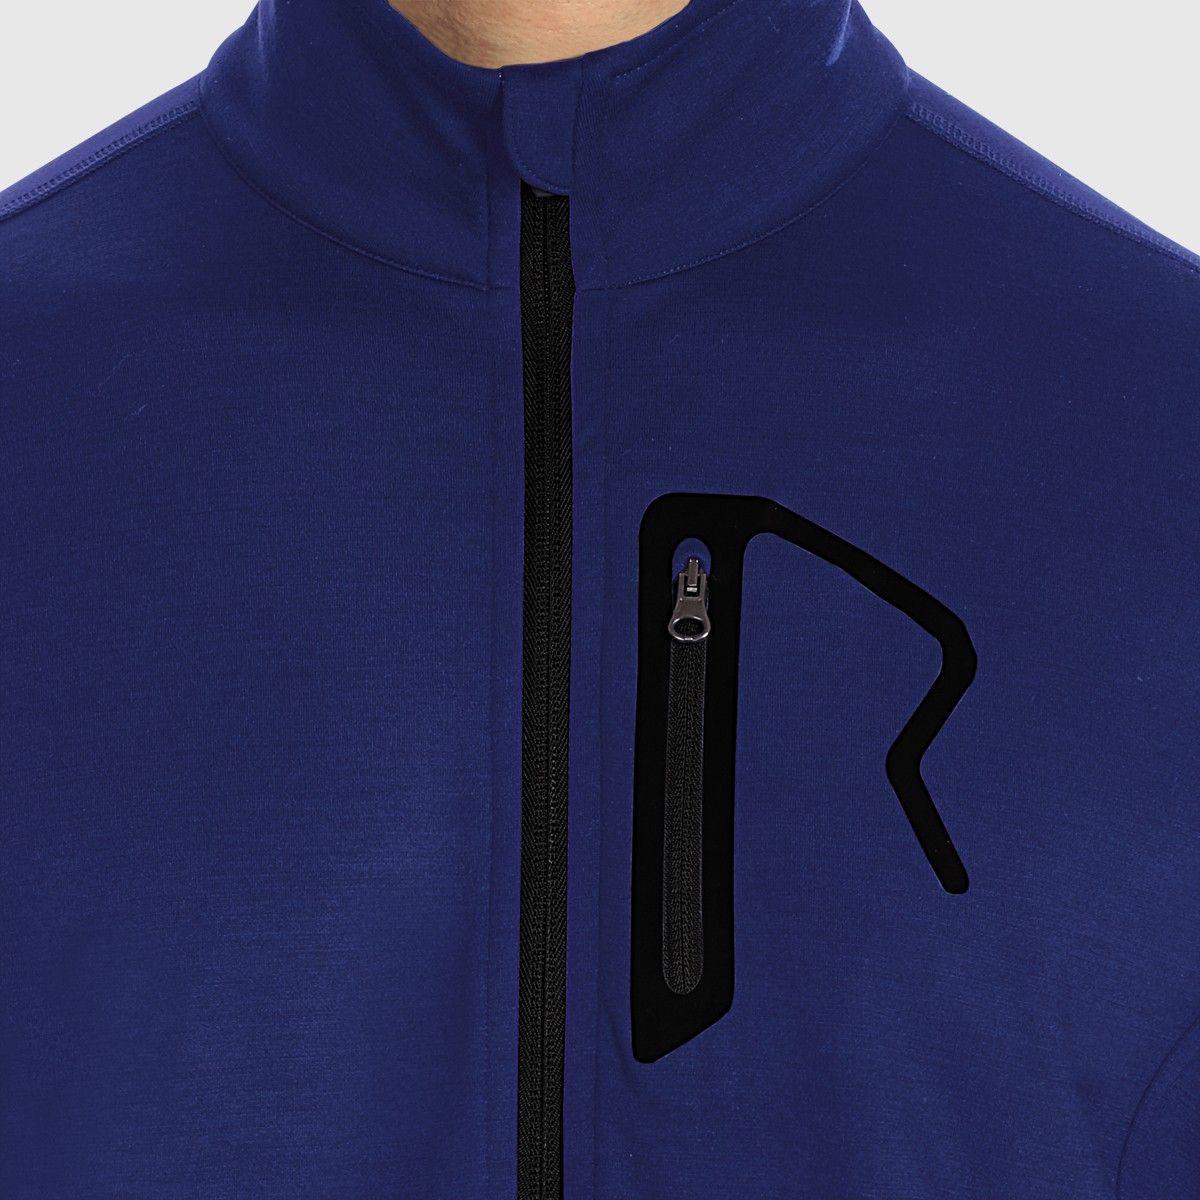 abbigliamento termico nike